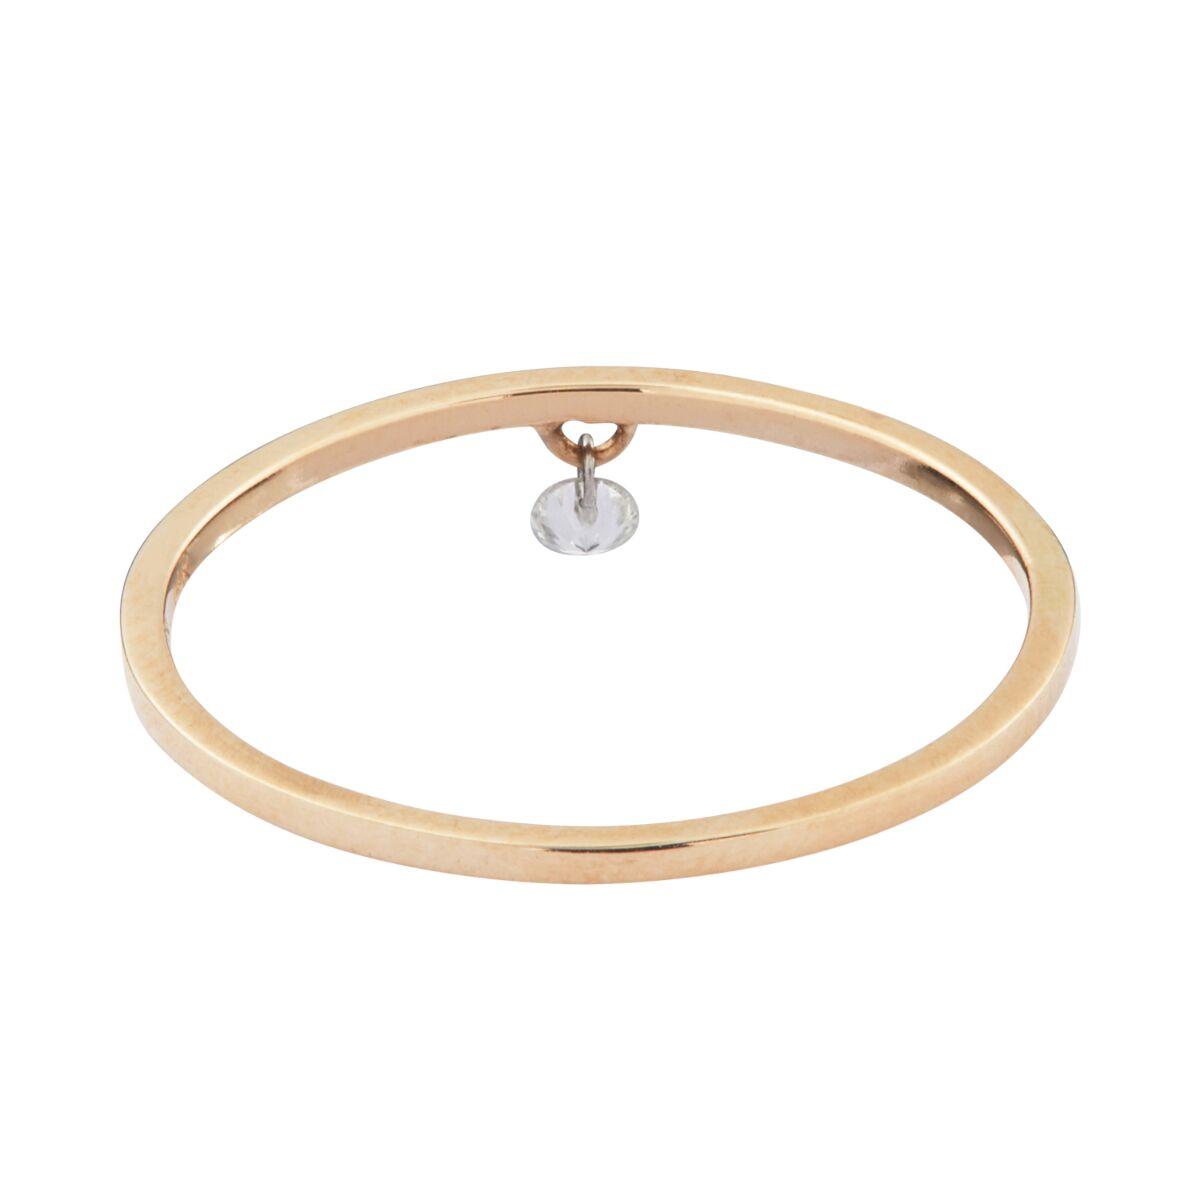 Diamond Pinprick Ring image